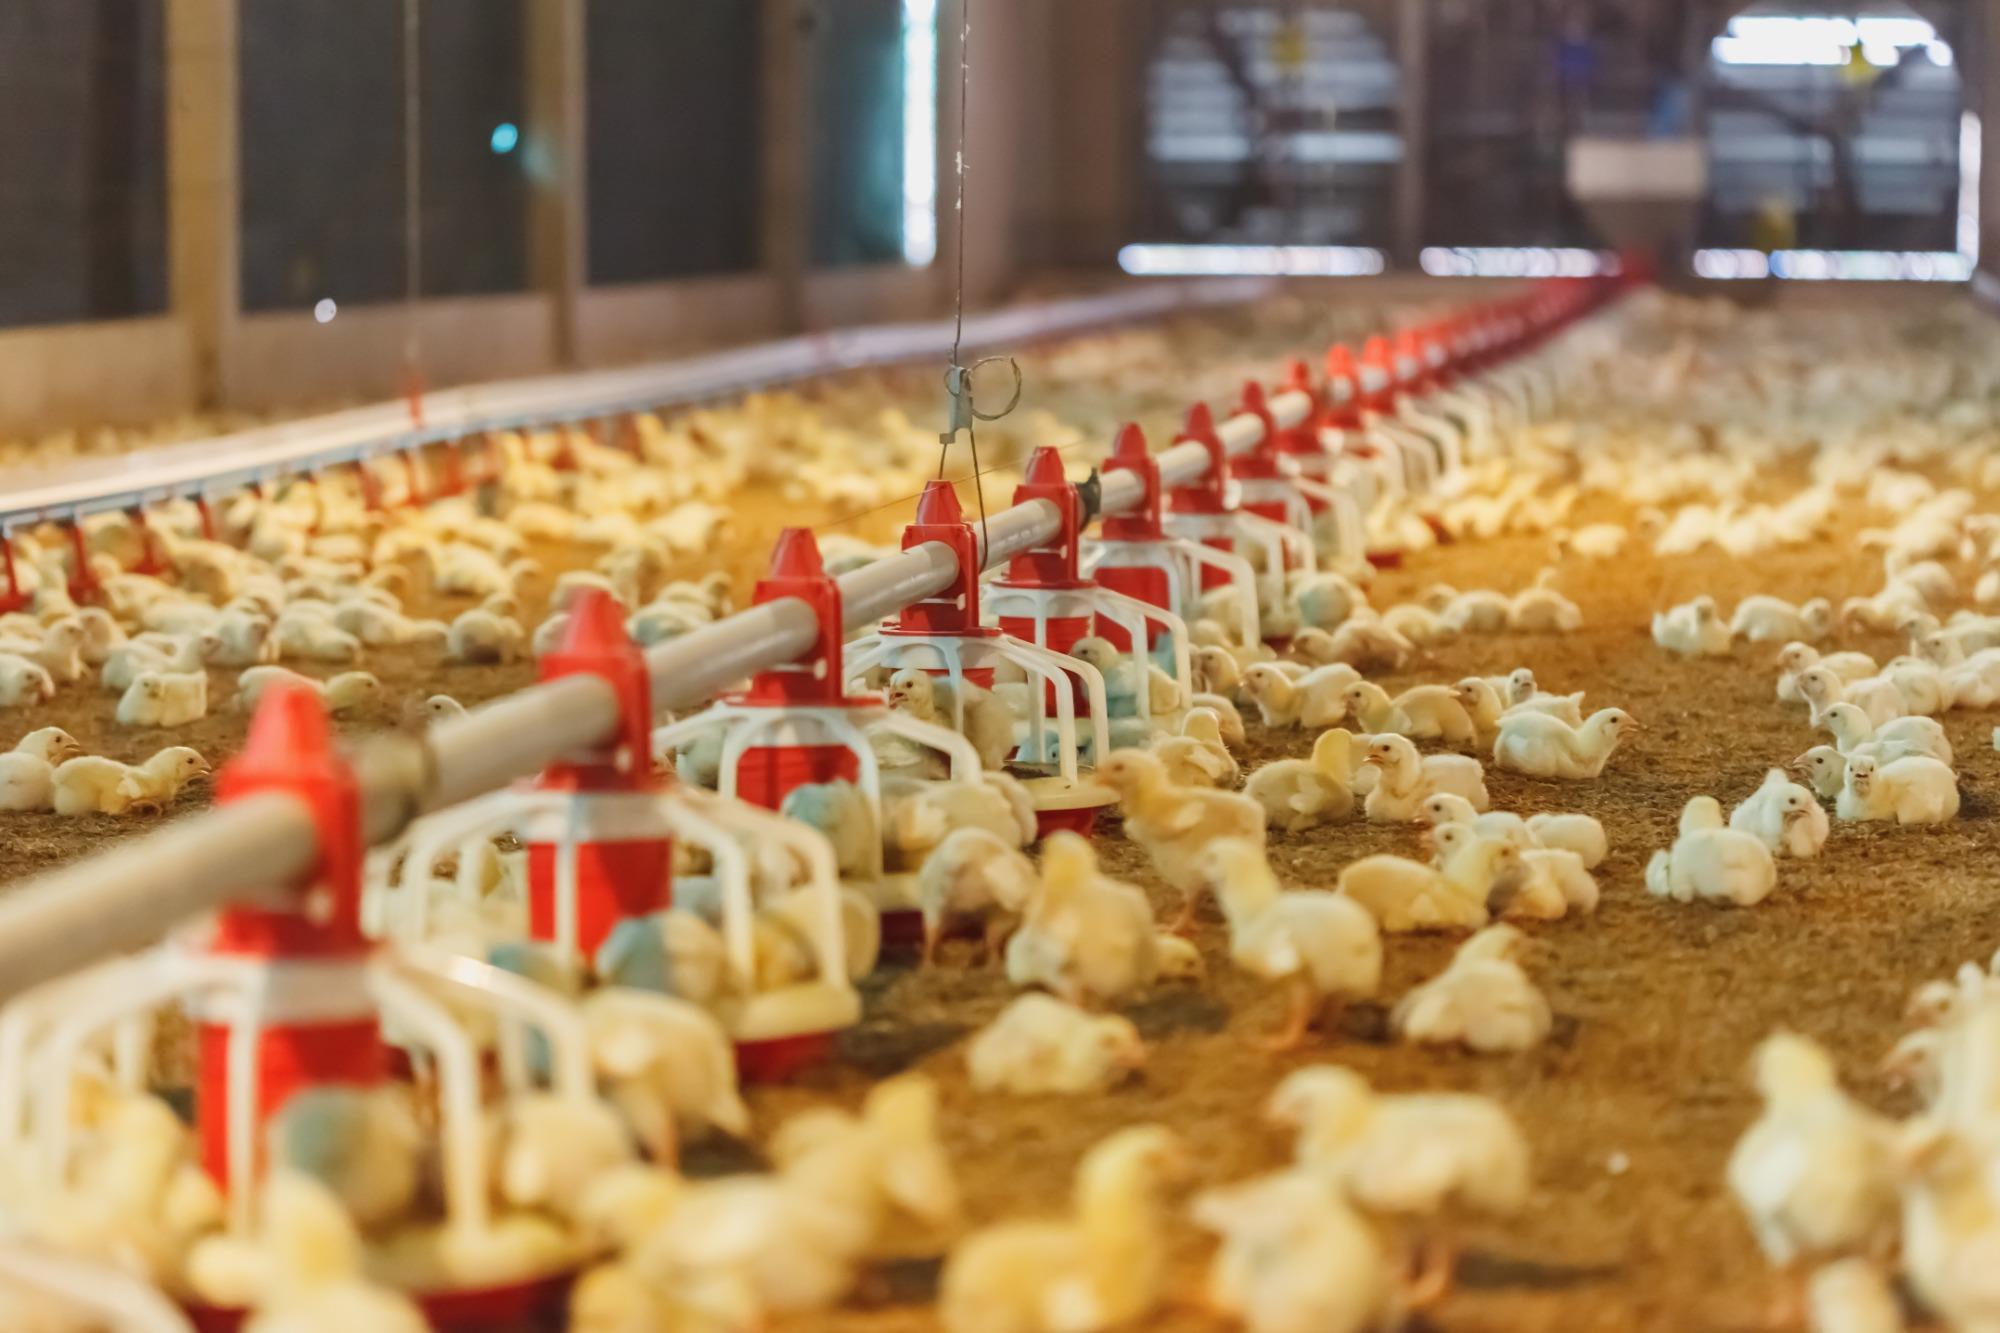 avicultura, fotos atualizadas , Shutterstock